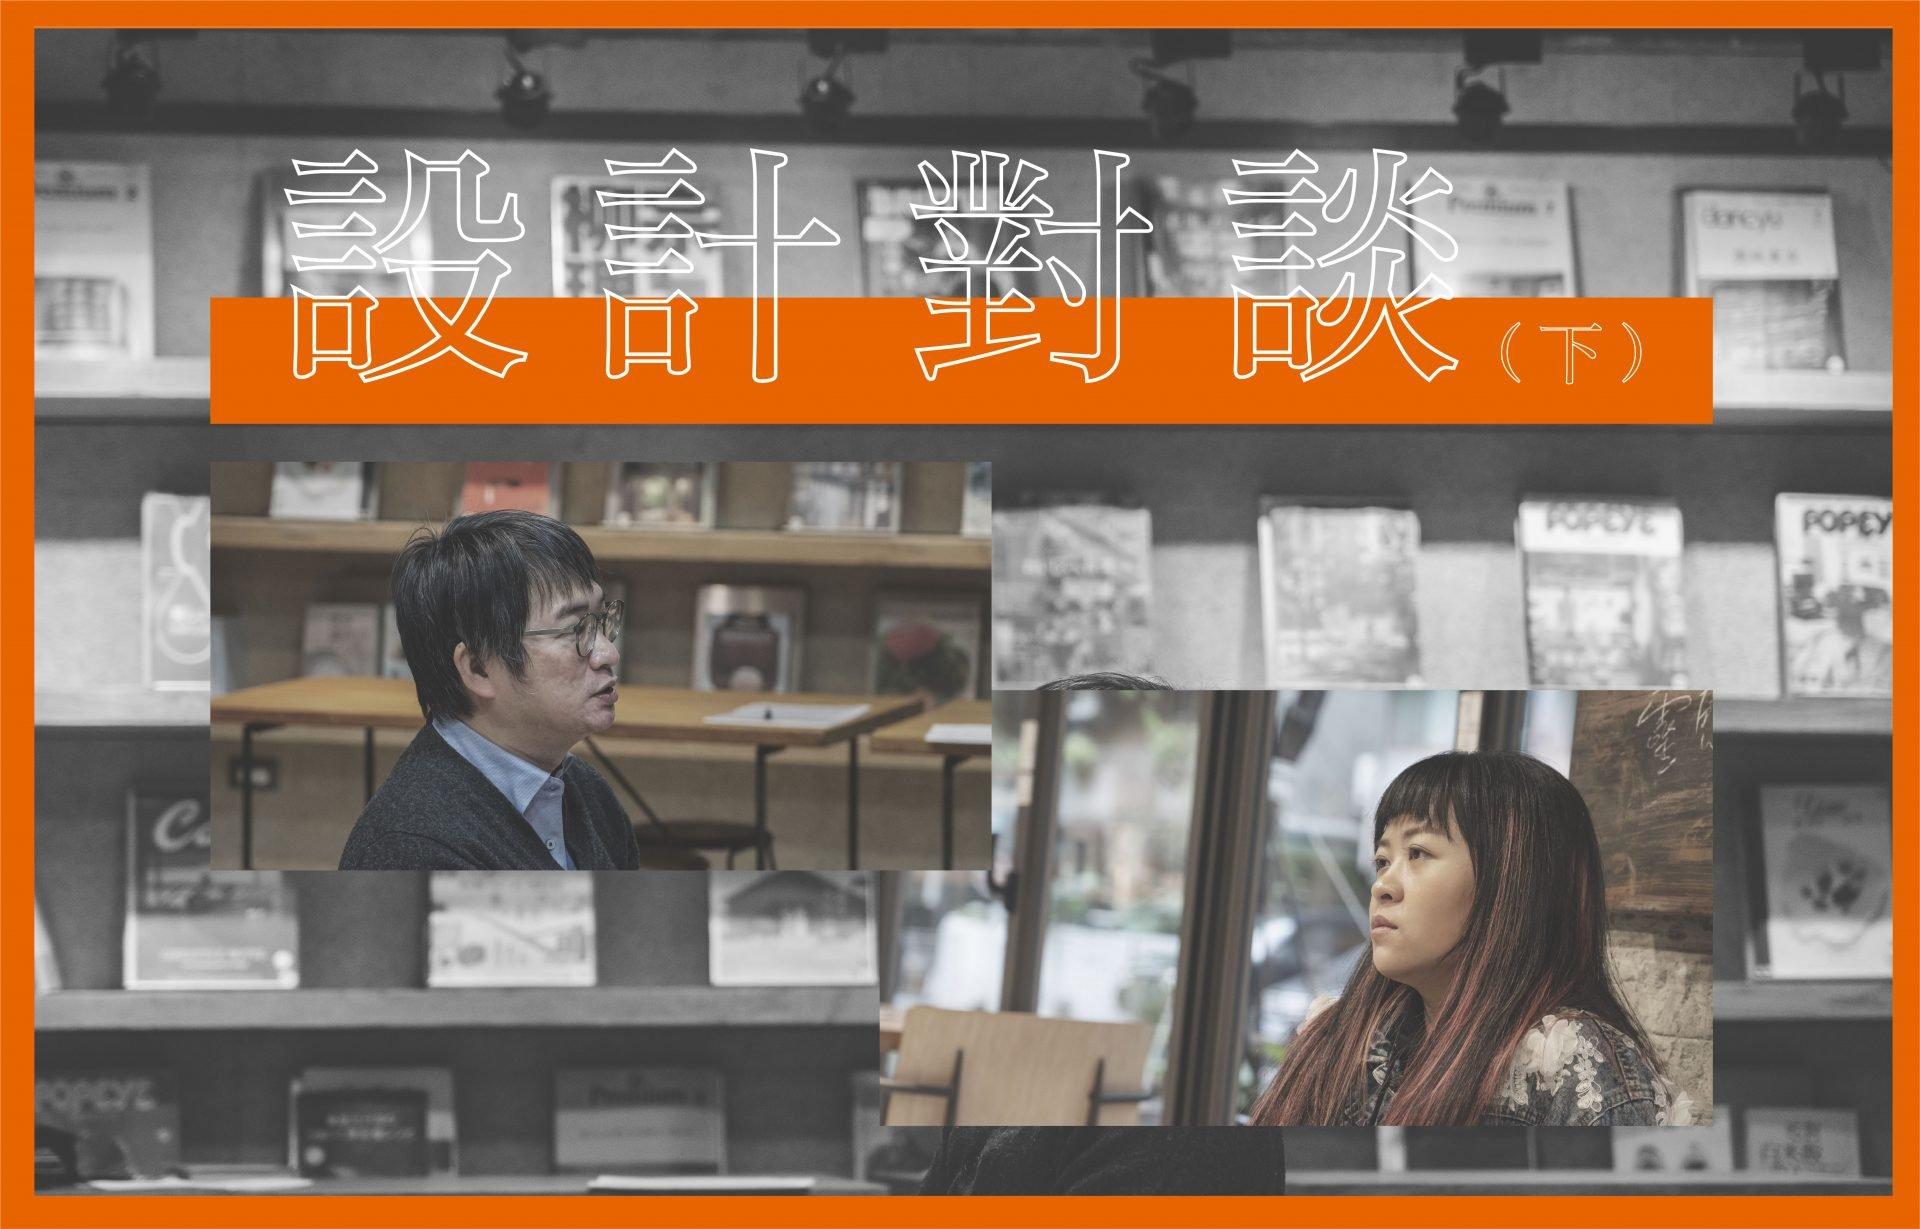 設計對談(下):范成浩 x 鄭雯瑄 / 臺灣設計的現在與未來